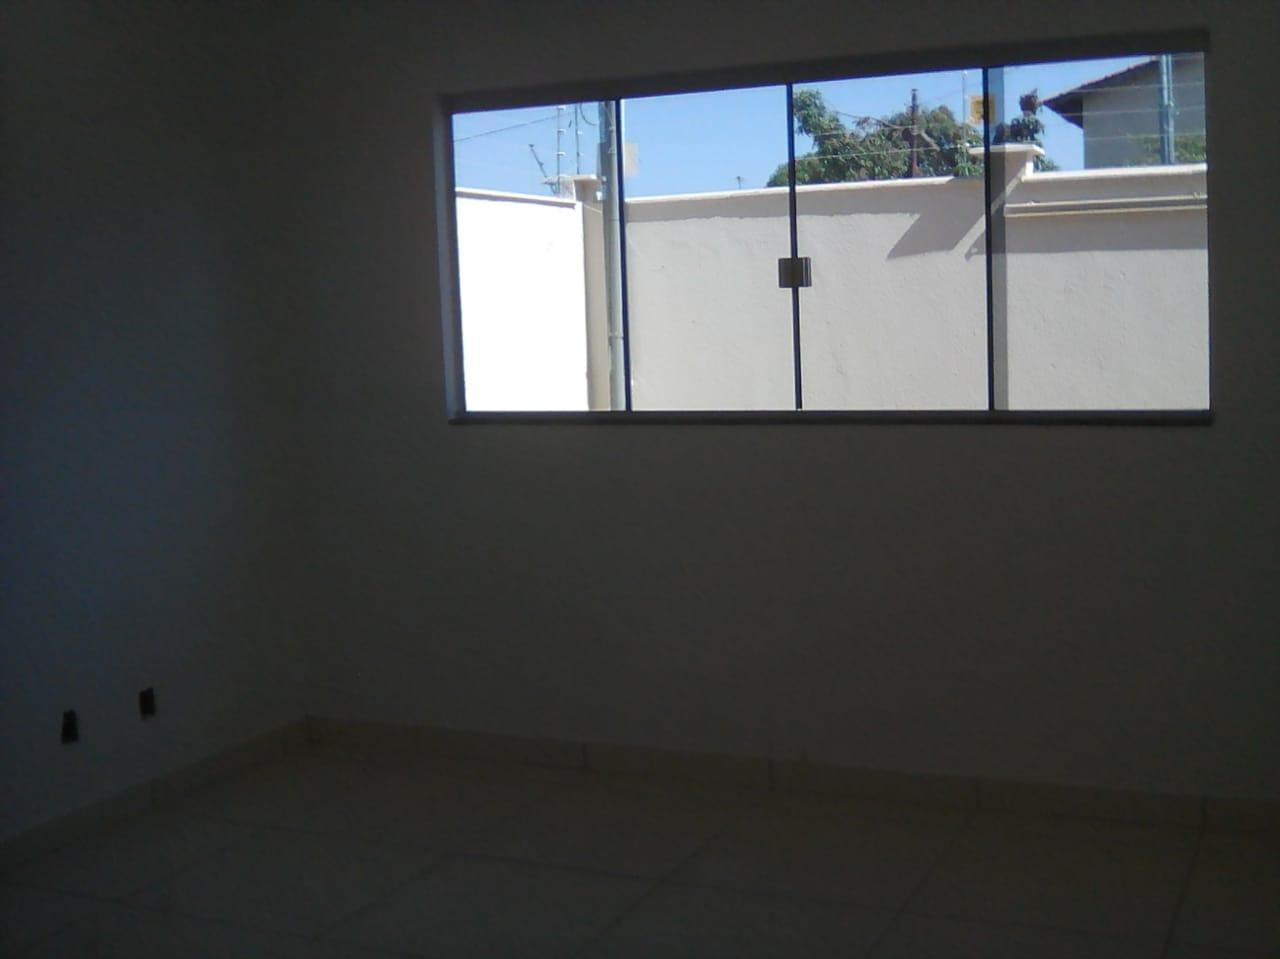 FOTO11 - Casa à venda Rua Astolpho de Amorim,Parque Veiga Jardim, Aparecida de Goiânia - R$ 185.000 - CA0163 - 12